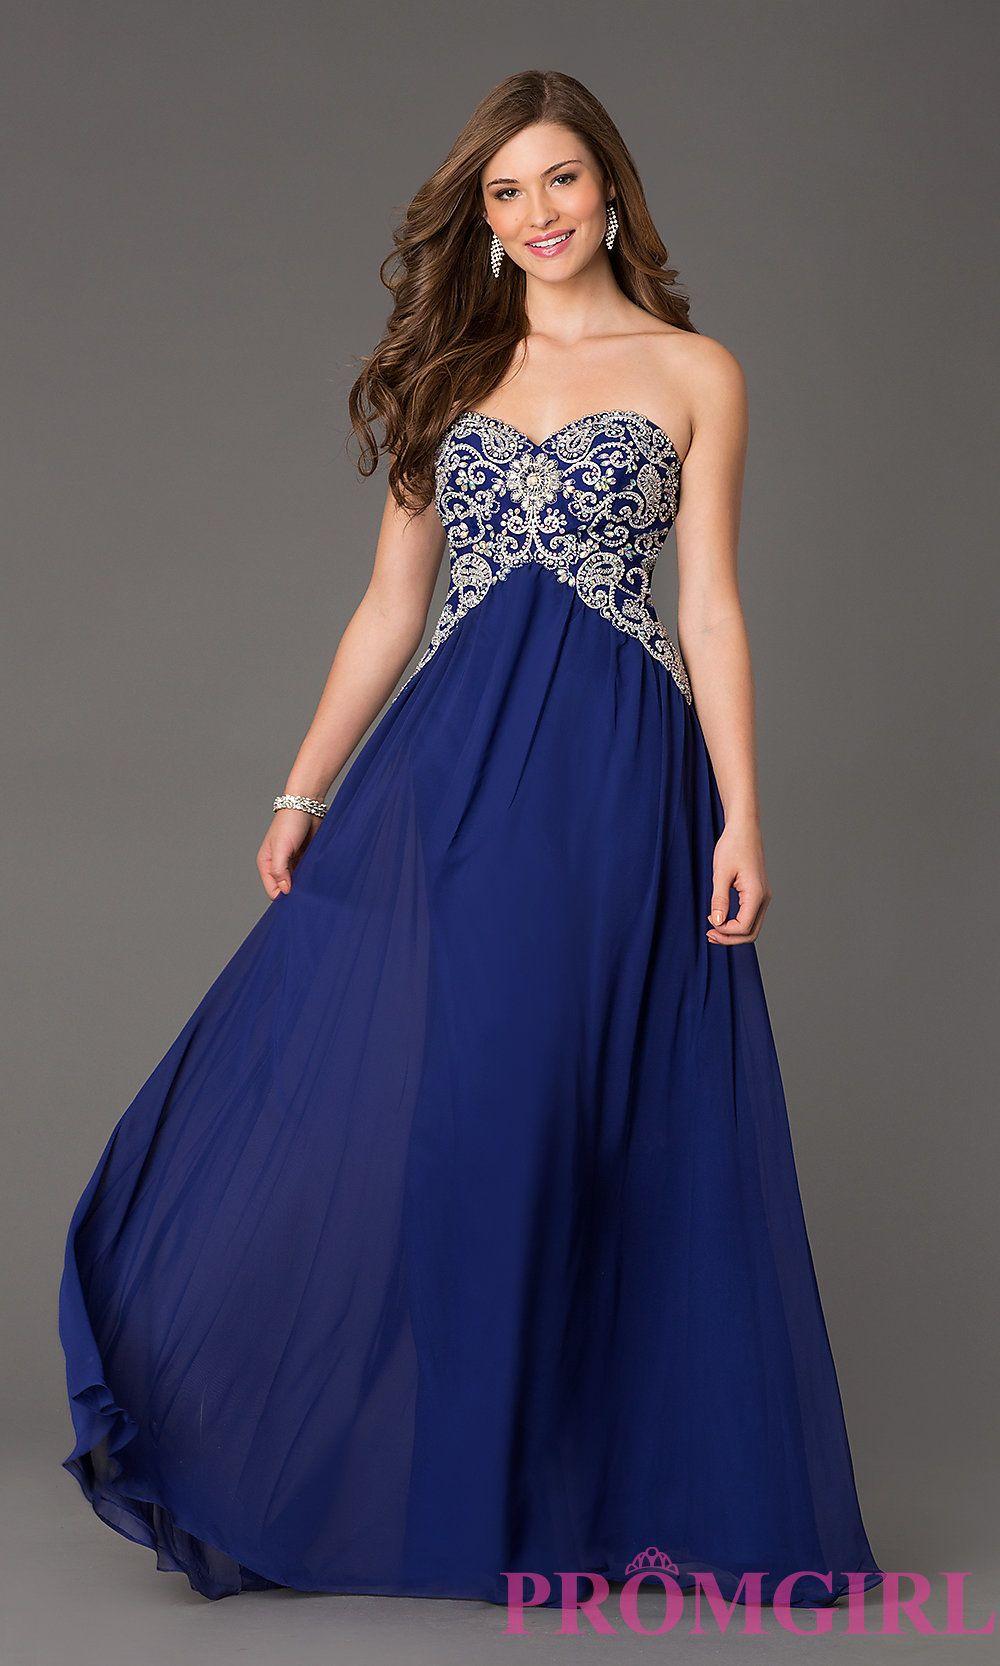 Long Strapless Prom Dress - Ocodea.com